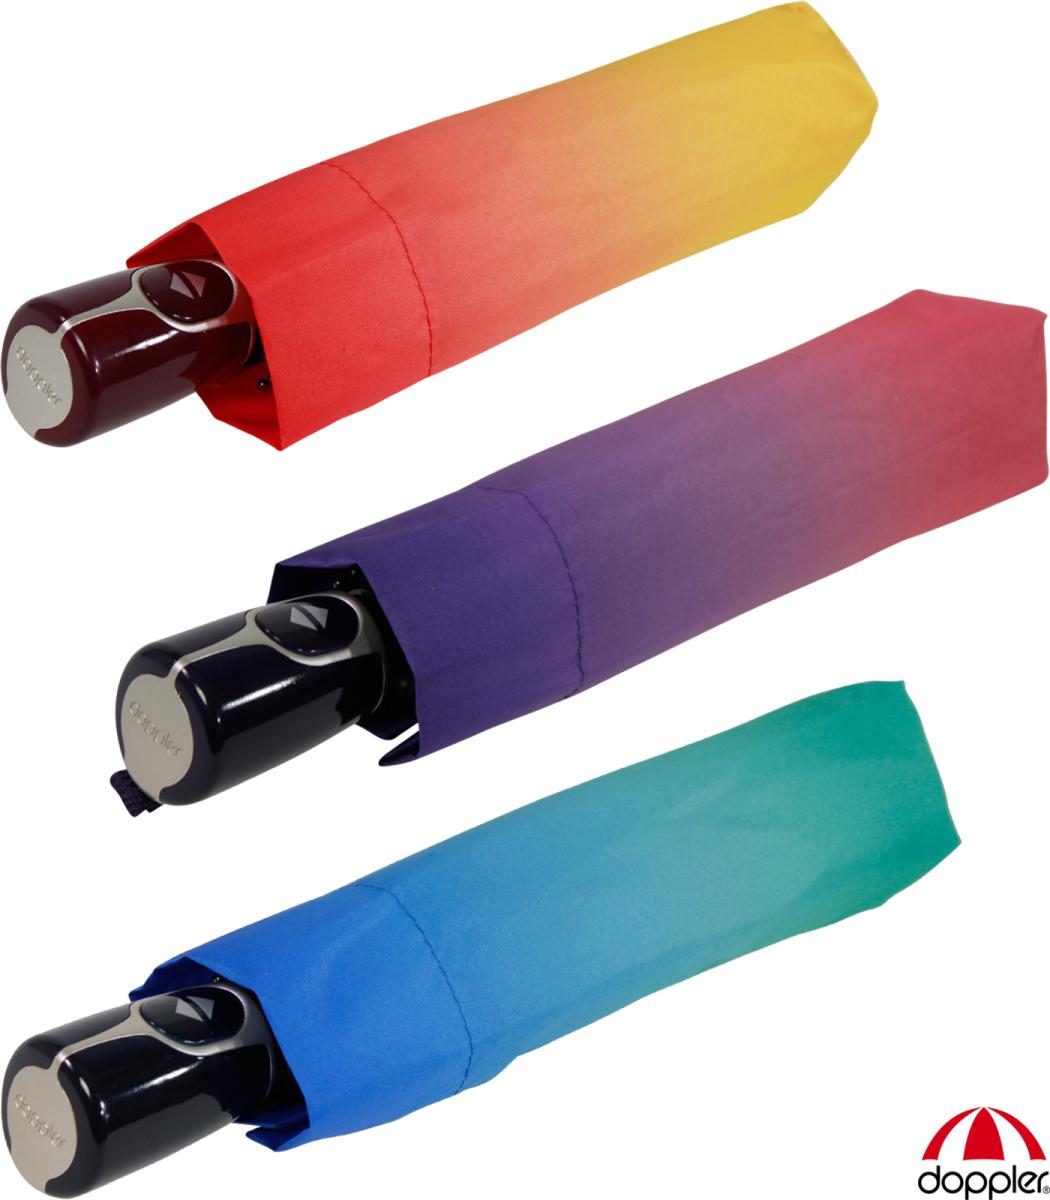 doppler Taschenschirm Regenschirm Minischirm Handtasche Fiber Handy Uni blau